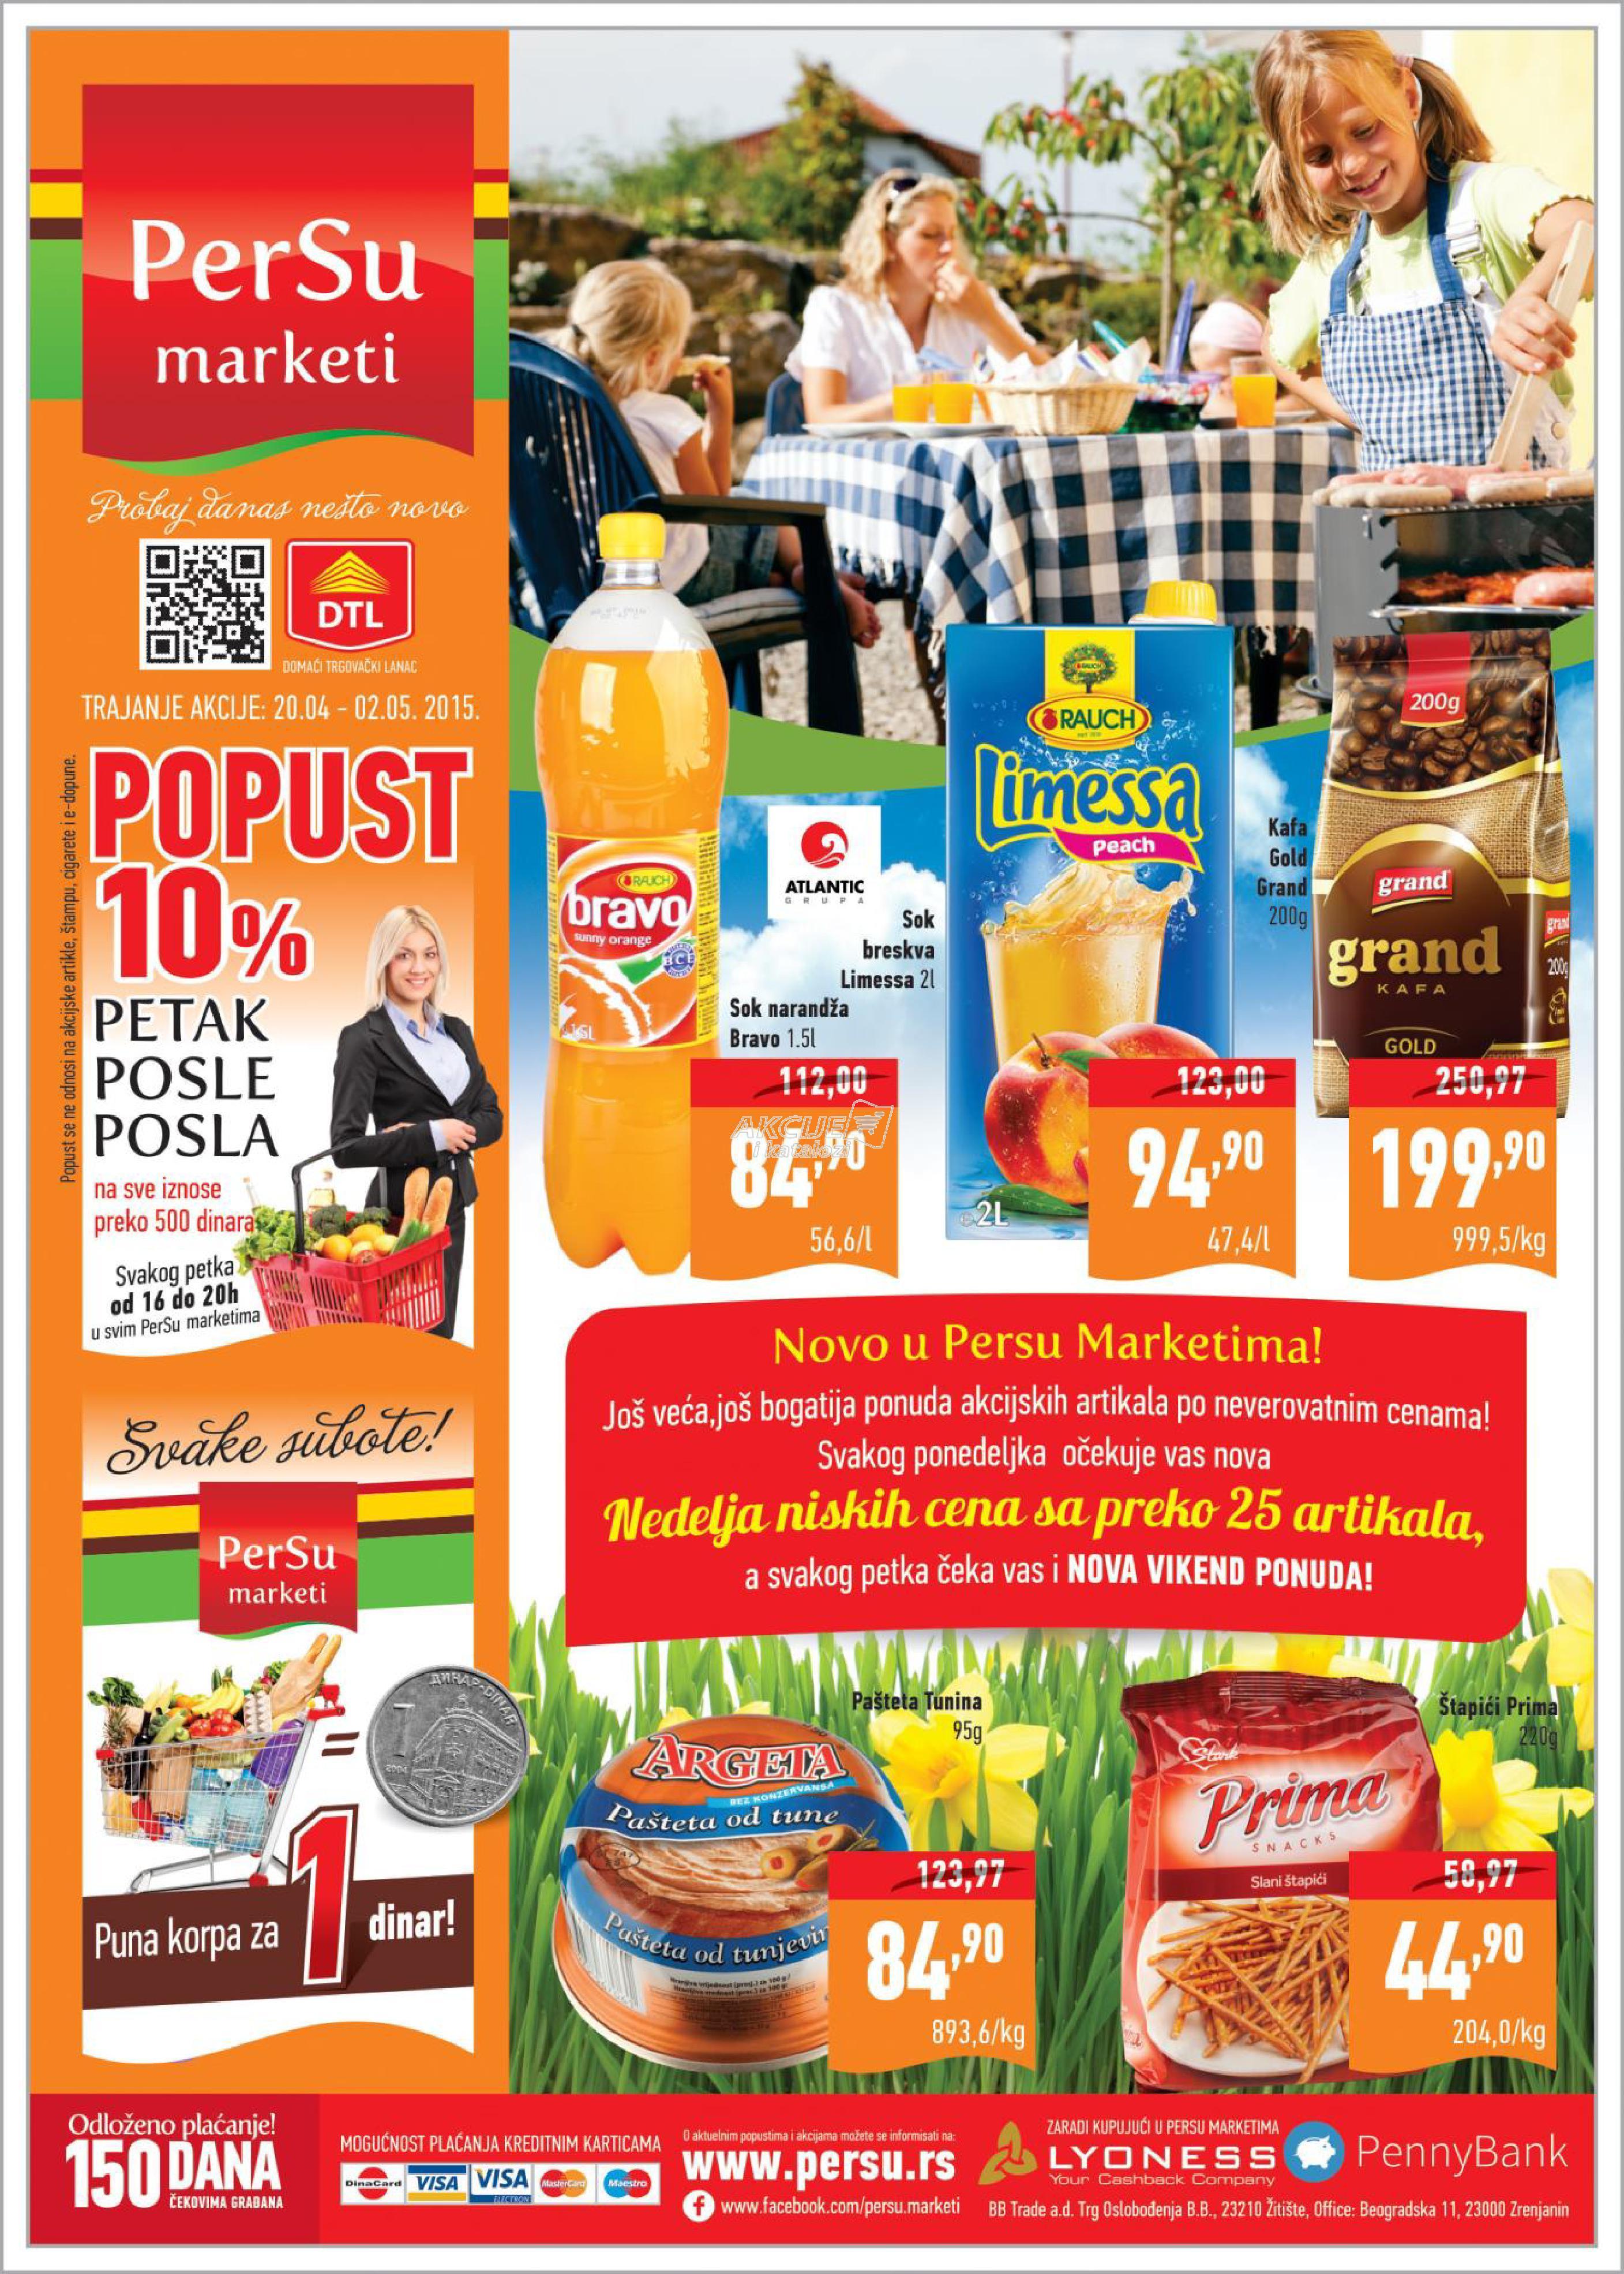 Persu - Redovna akcija sjajne kupovine